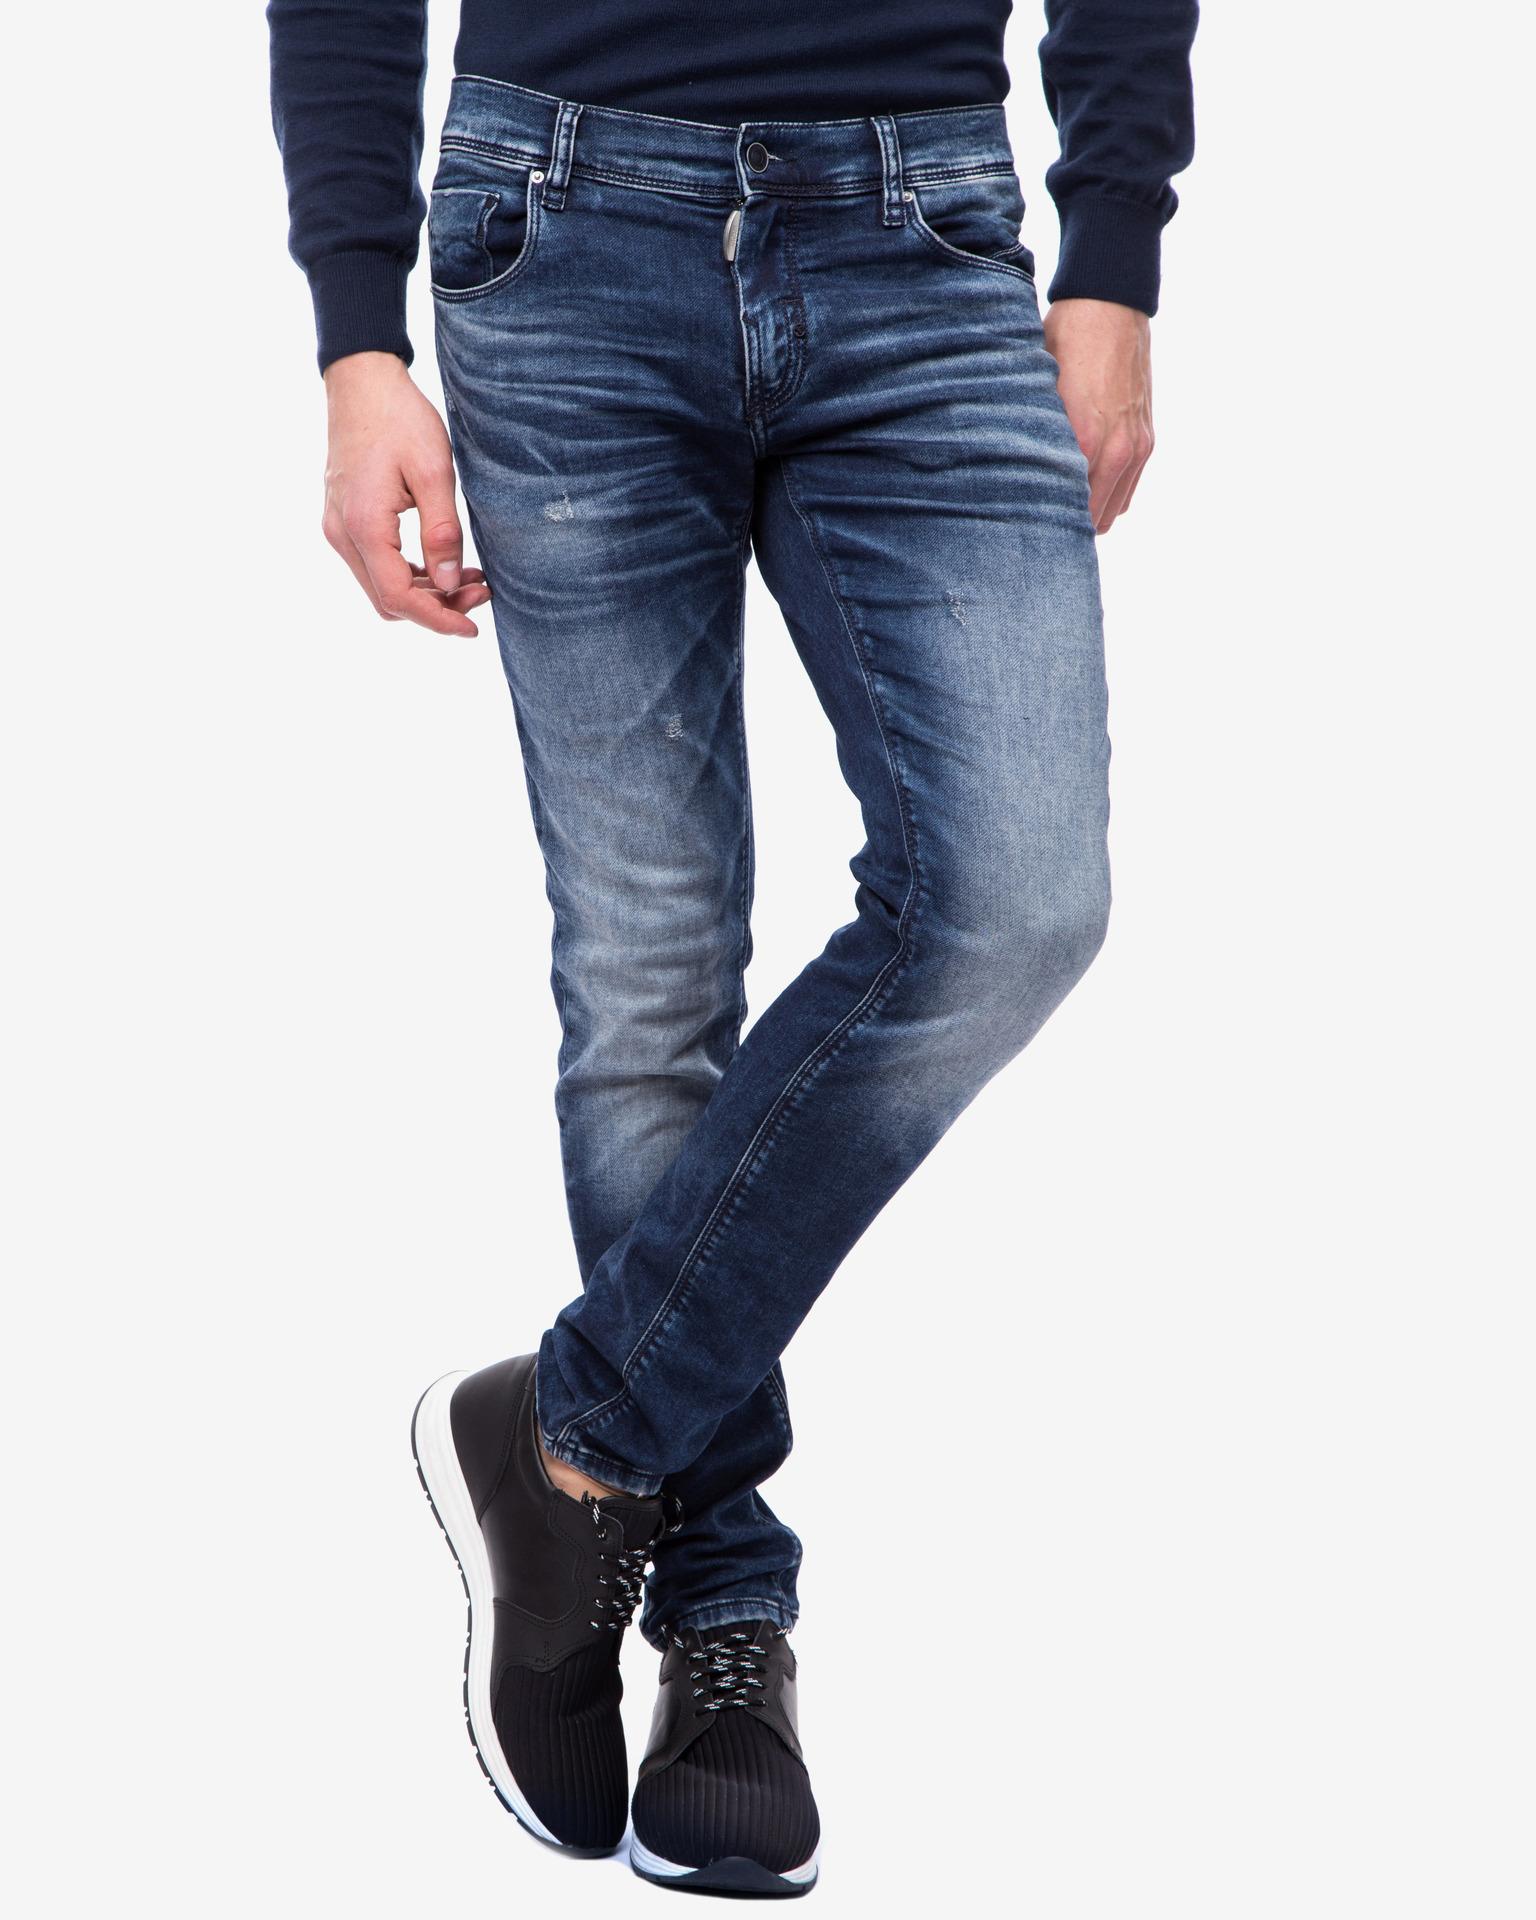 027f0d63e87576 Antony Morato - Don Giovanni Jeans Bibloo.com